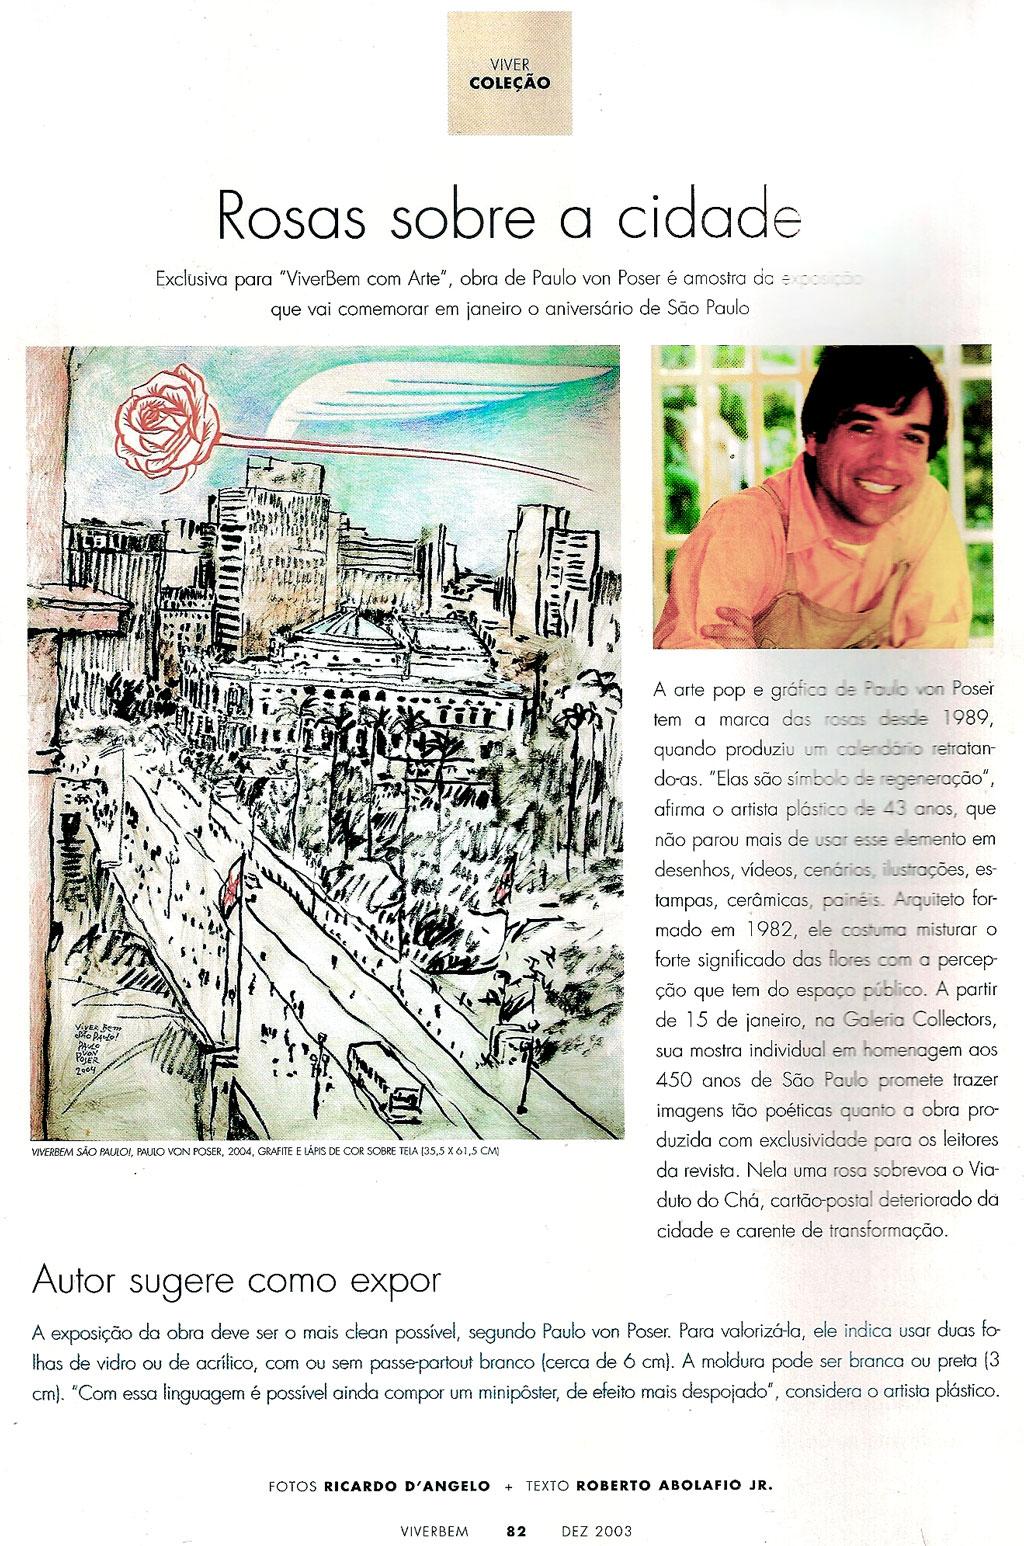 vistas.sp 2004 (6)